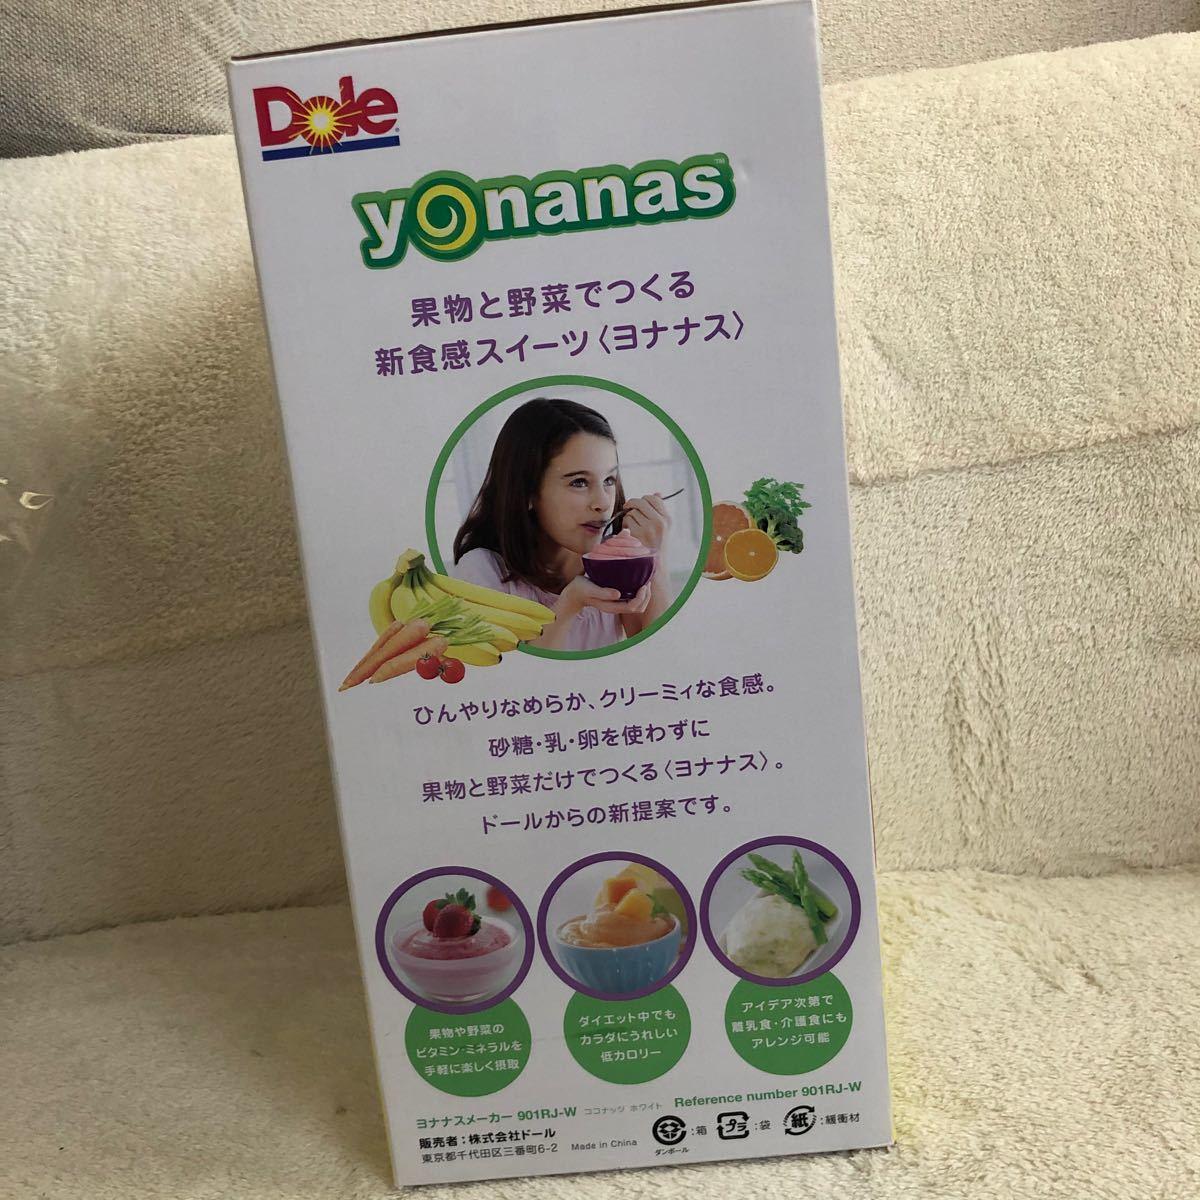 新品!!Dole yonanas ドールヨナナス ジュサー スムージー